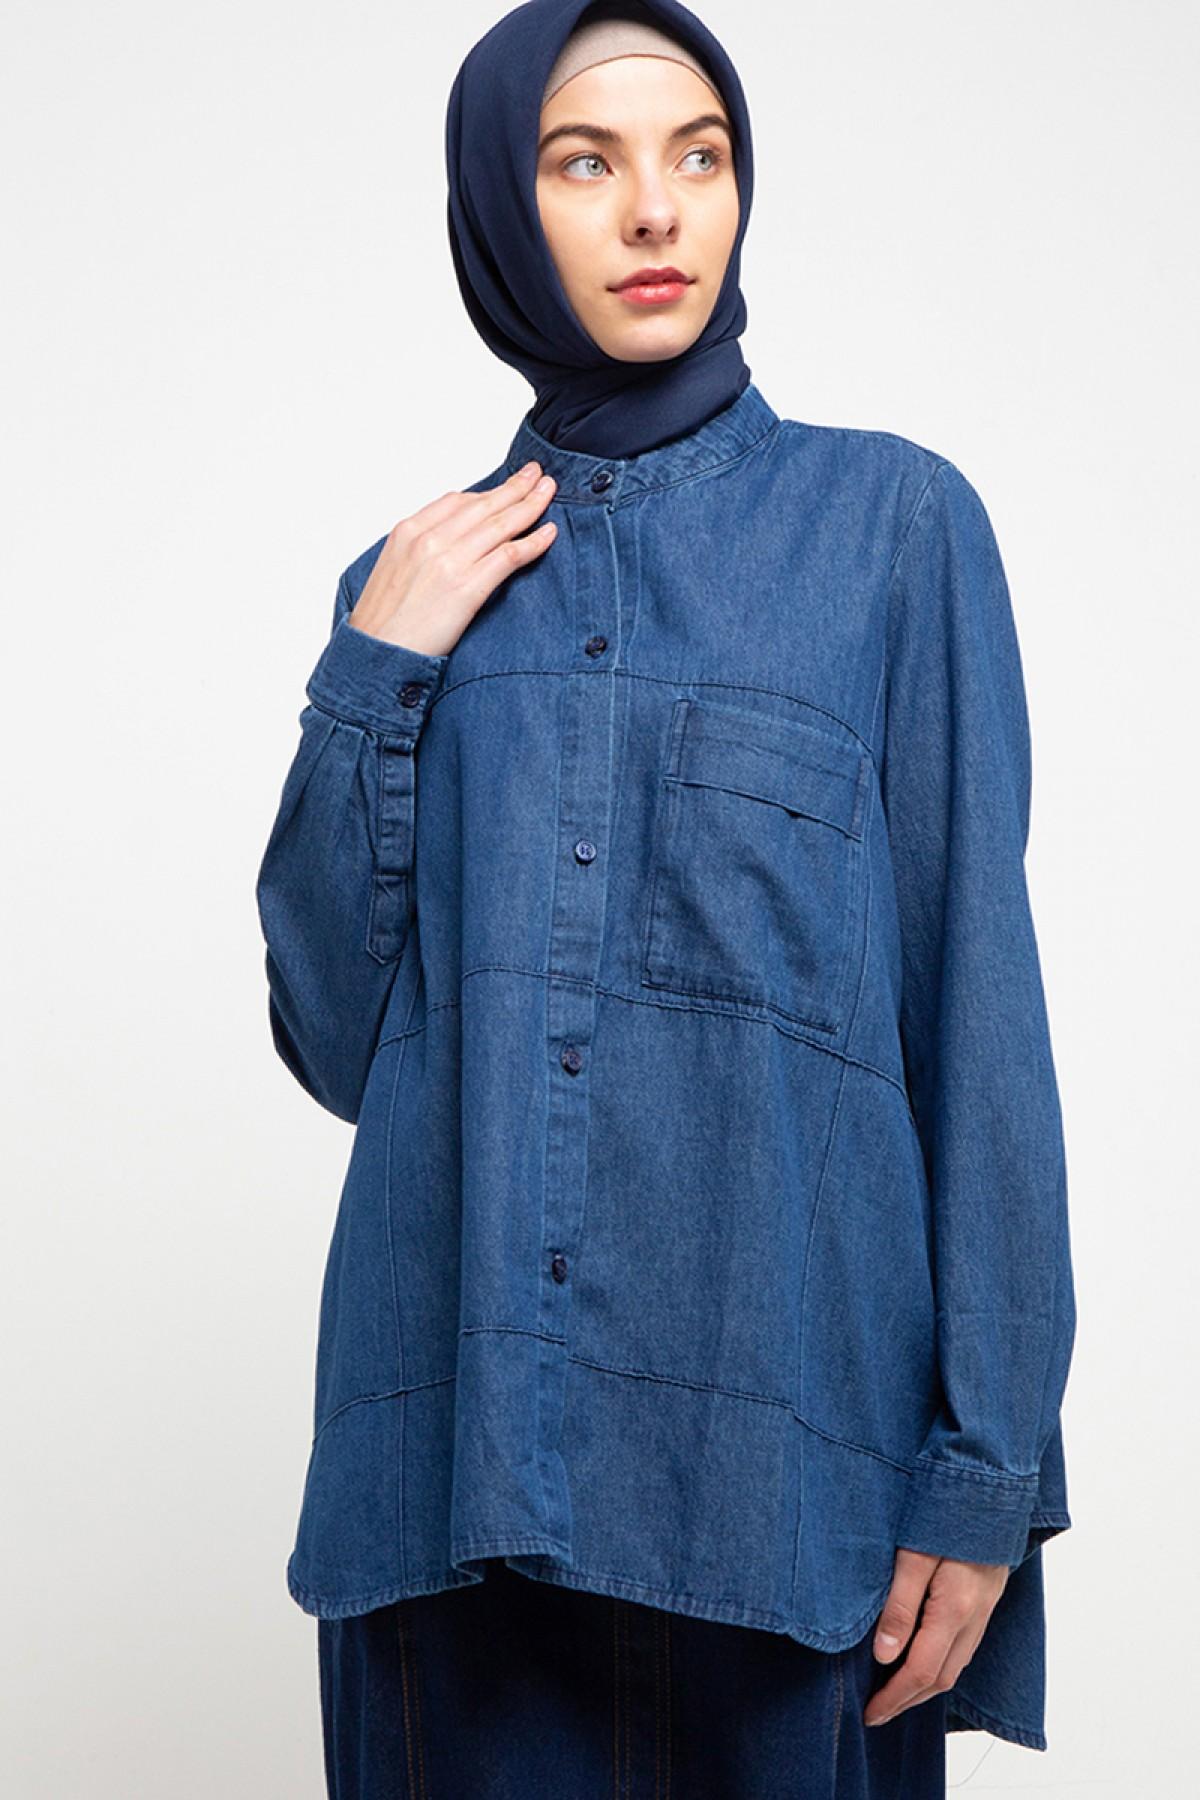 Gastonia Denim Shirt - L.tru